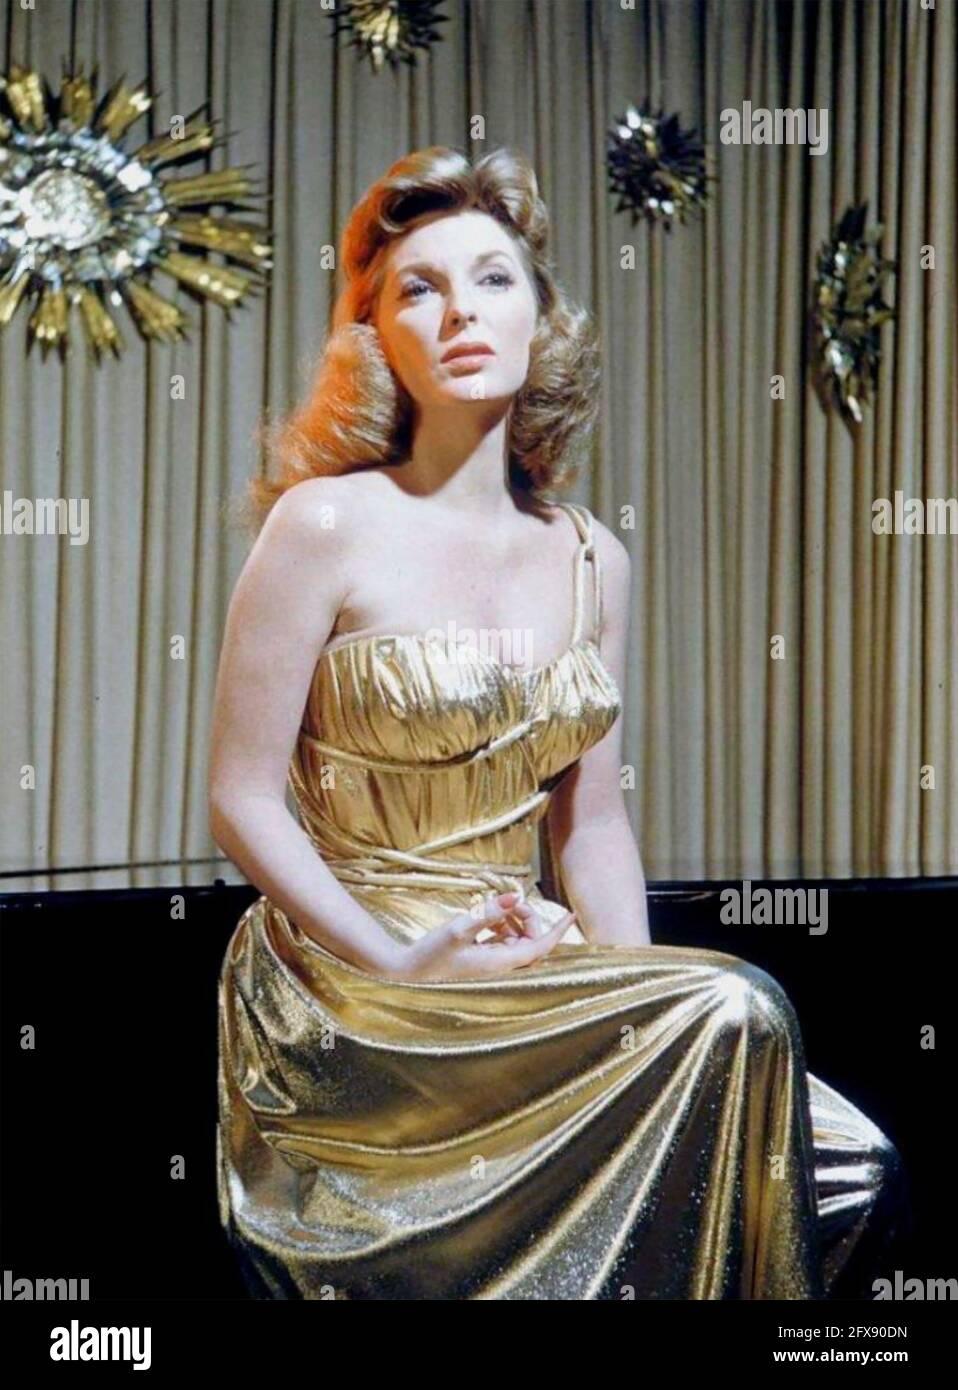 JULIE LONDON (1926-2000) cantante estadounidense y actriz de bomberos alrededor de 1957 Foto de stock